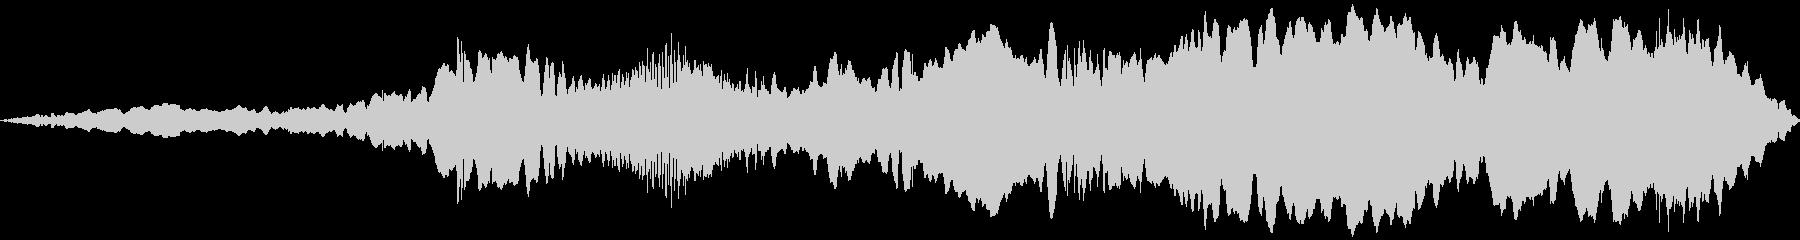 シンセビルディングドローン:さまざ...の未再生の波形